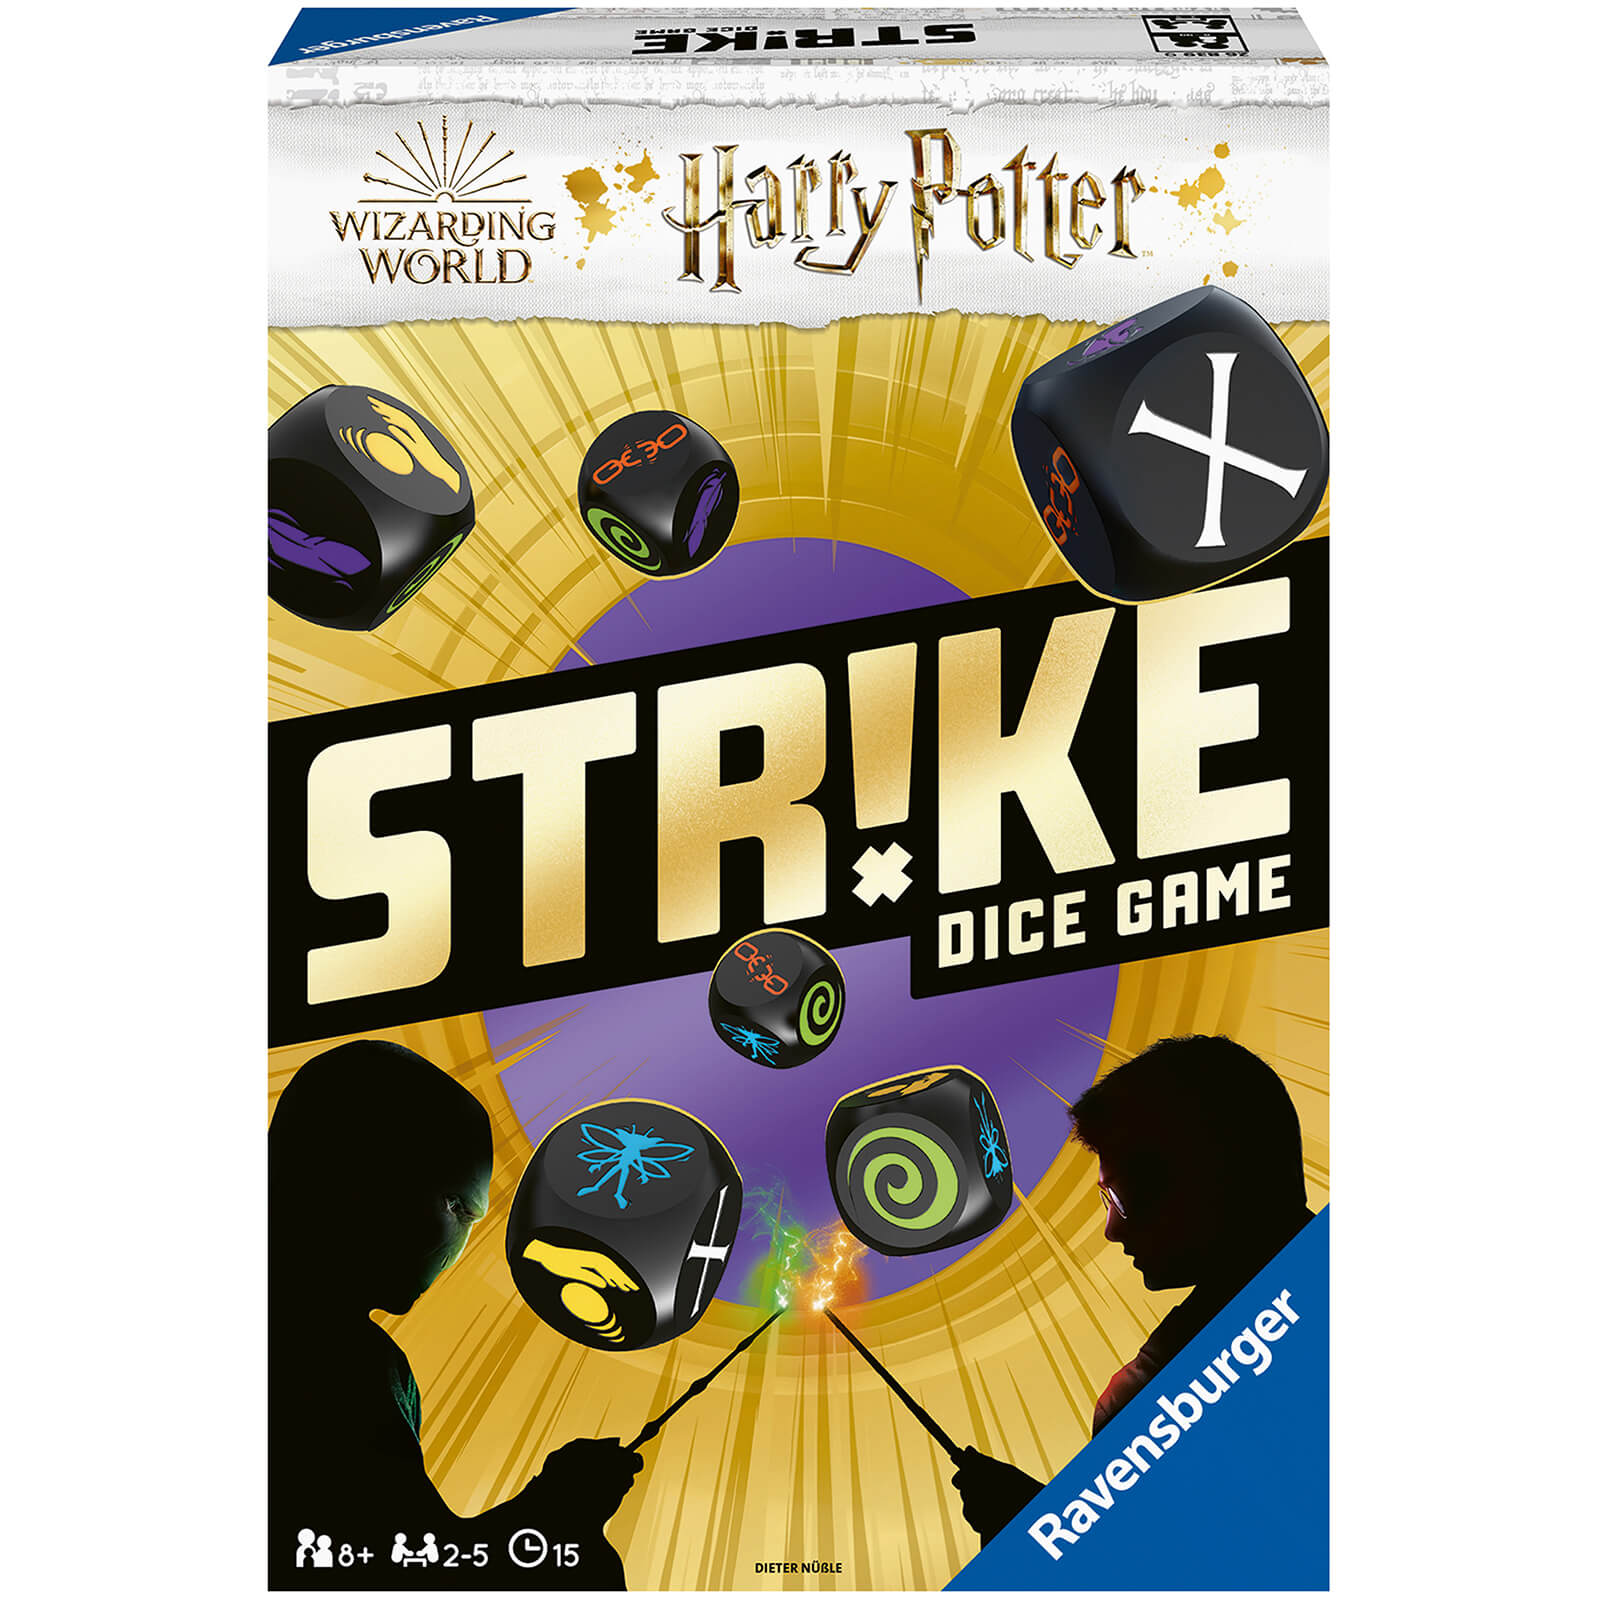 Image of Ravensburger Harry Potter Strike Dice Game